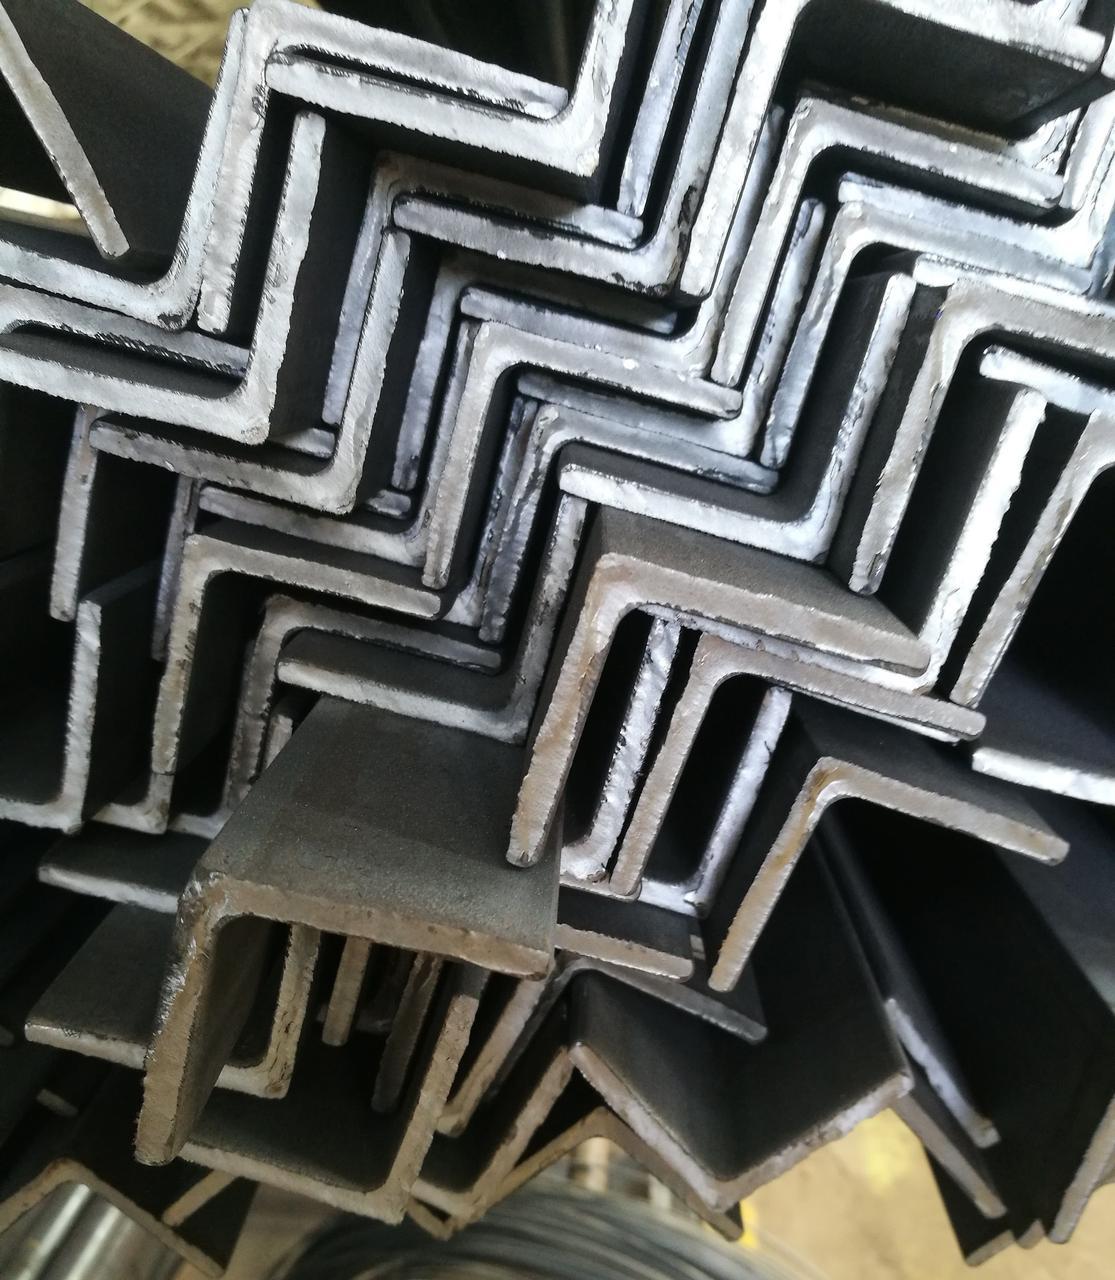 Кутник сталевий 140х140х9, марка сталі Ст. 3СП/ПС, ГОСТ 8509